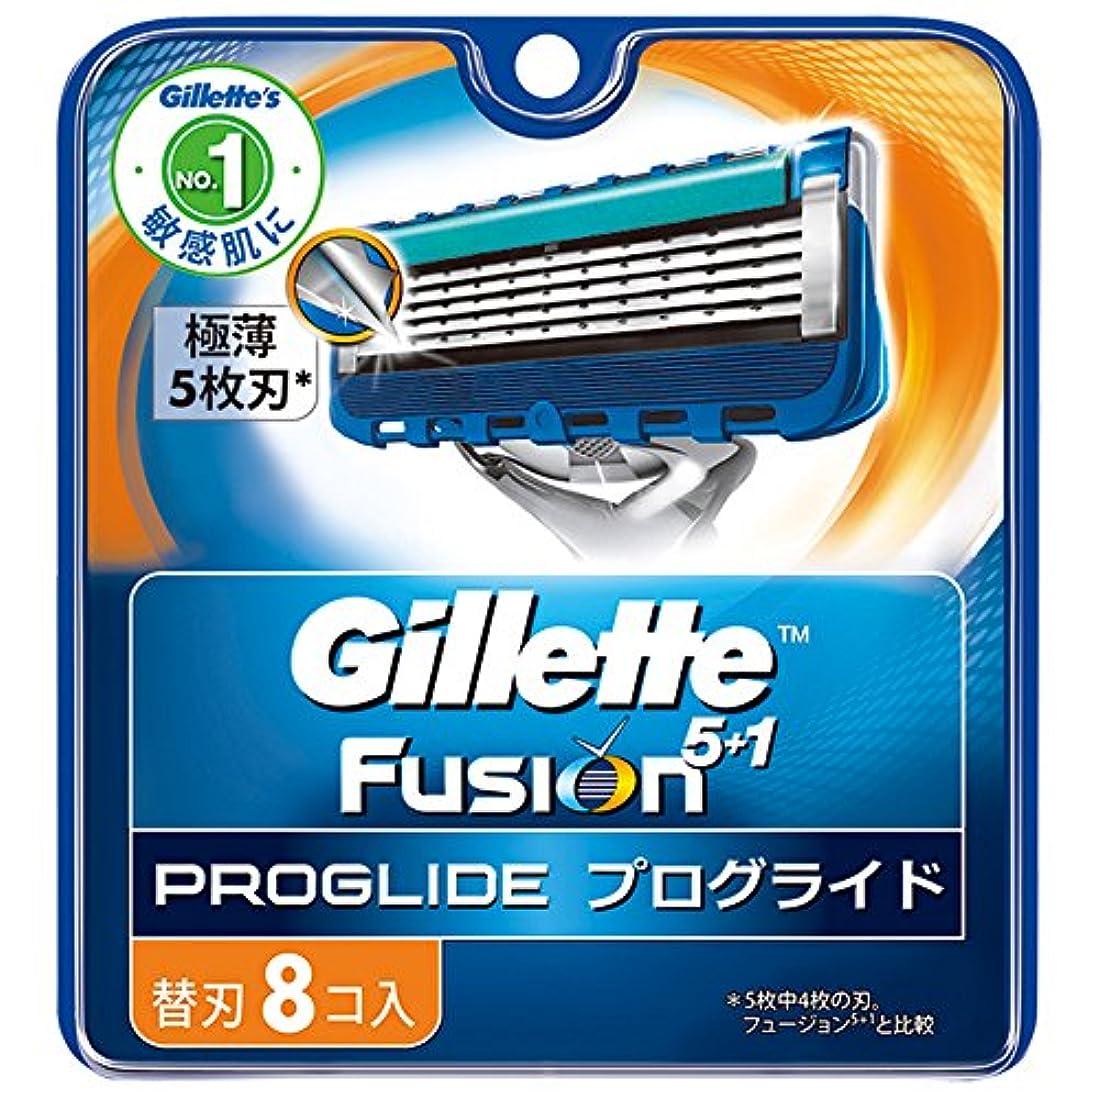 ずんぐりしたラブ筋肉のジレット 髭剃り プログライド フレックスボール マニュアル 替刃8個入